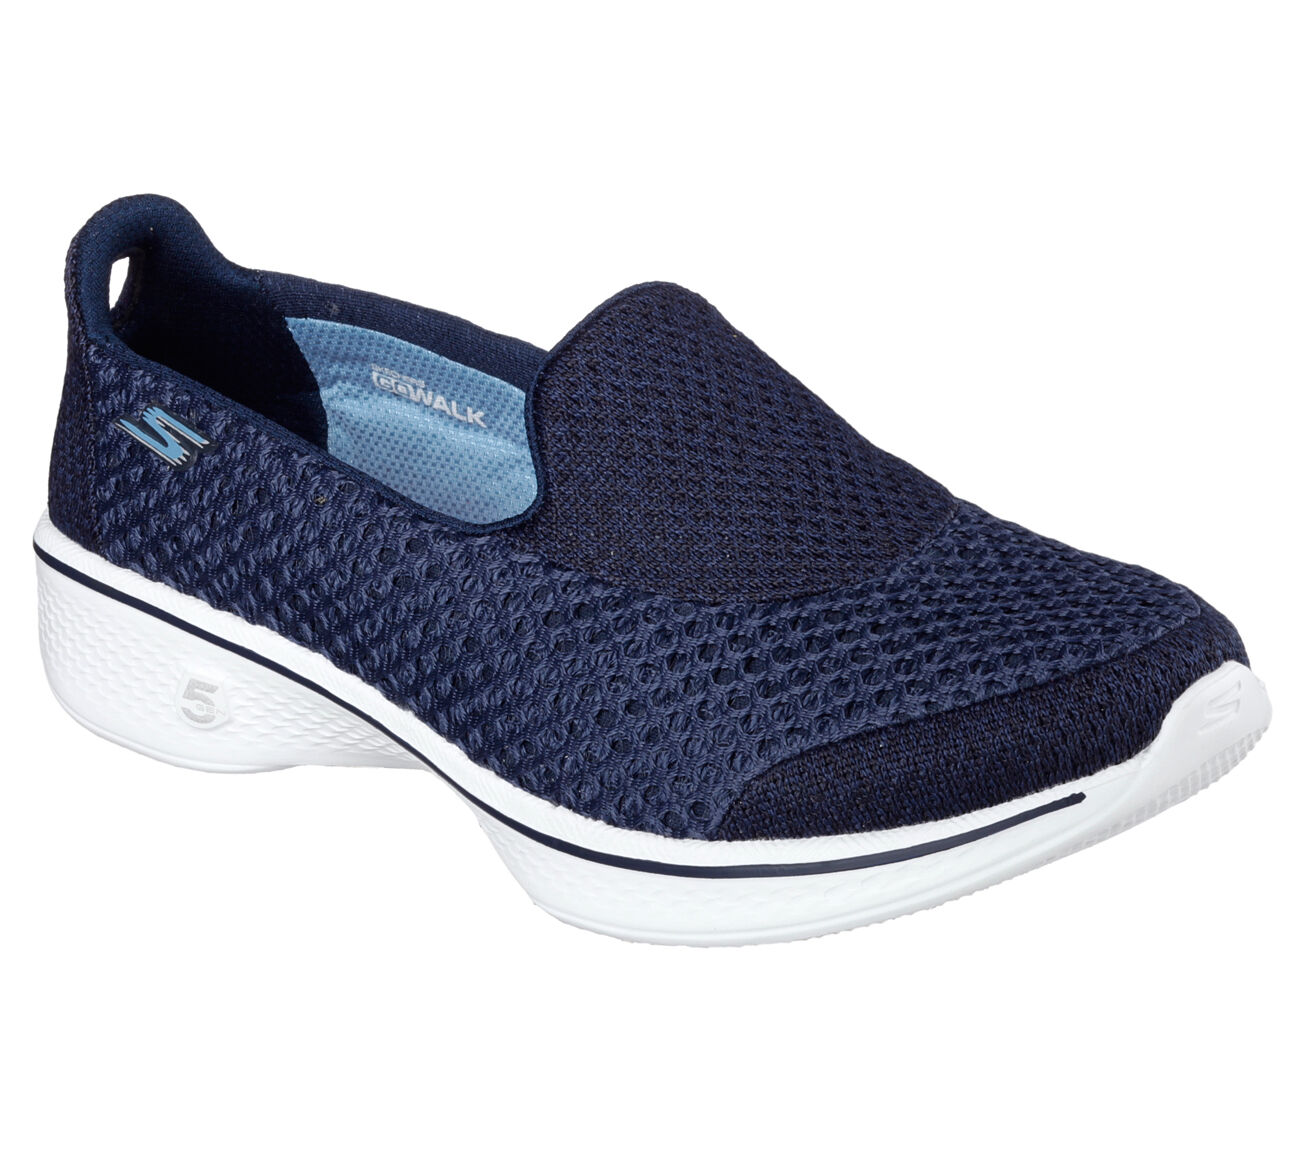 Skechers Donna Go Walk 4 - Kindle, da da da Passeggio Comfort Scarpe Navy Bianco | Raccomandazione popolare  050749